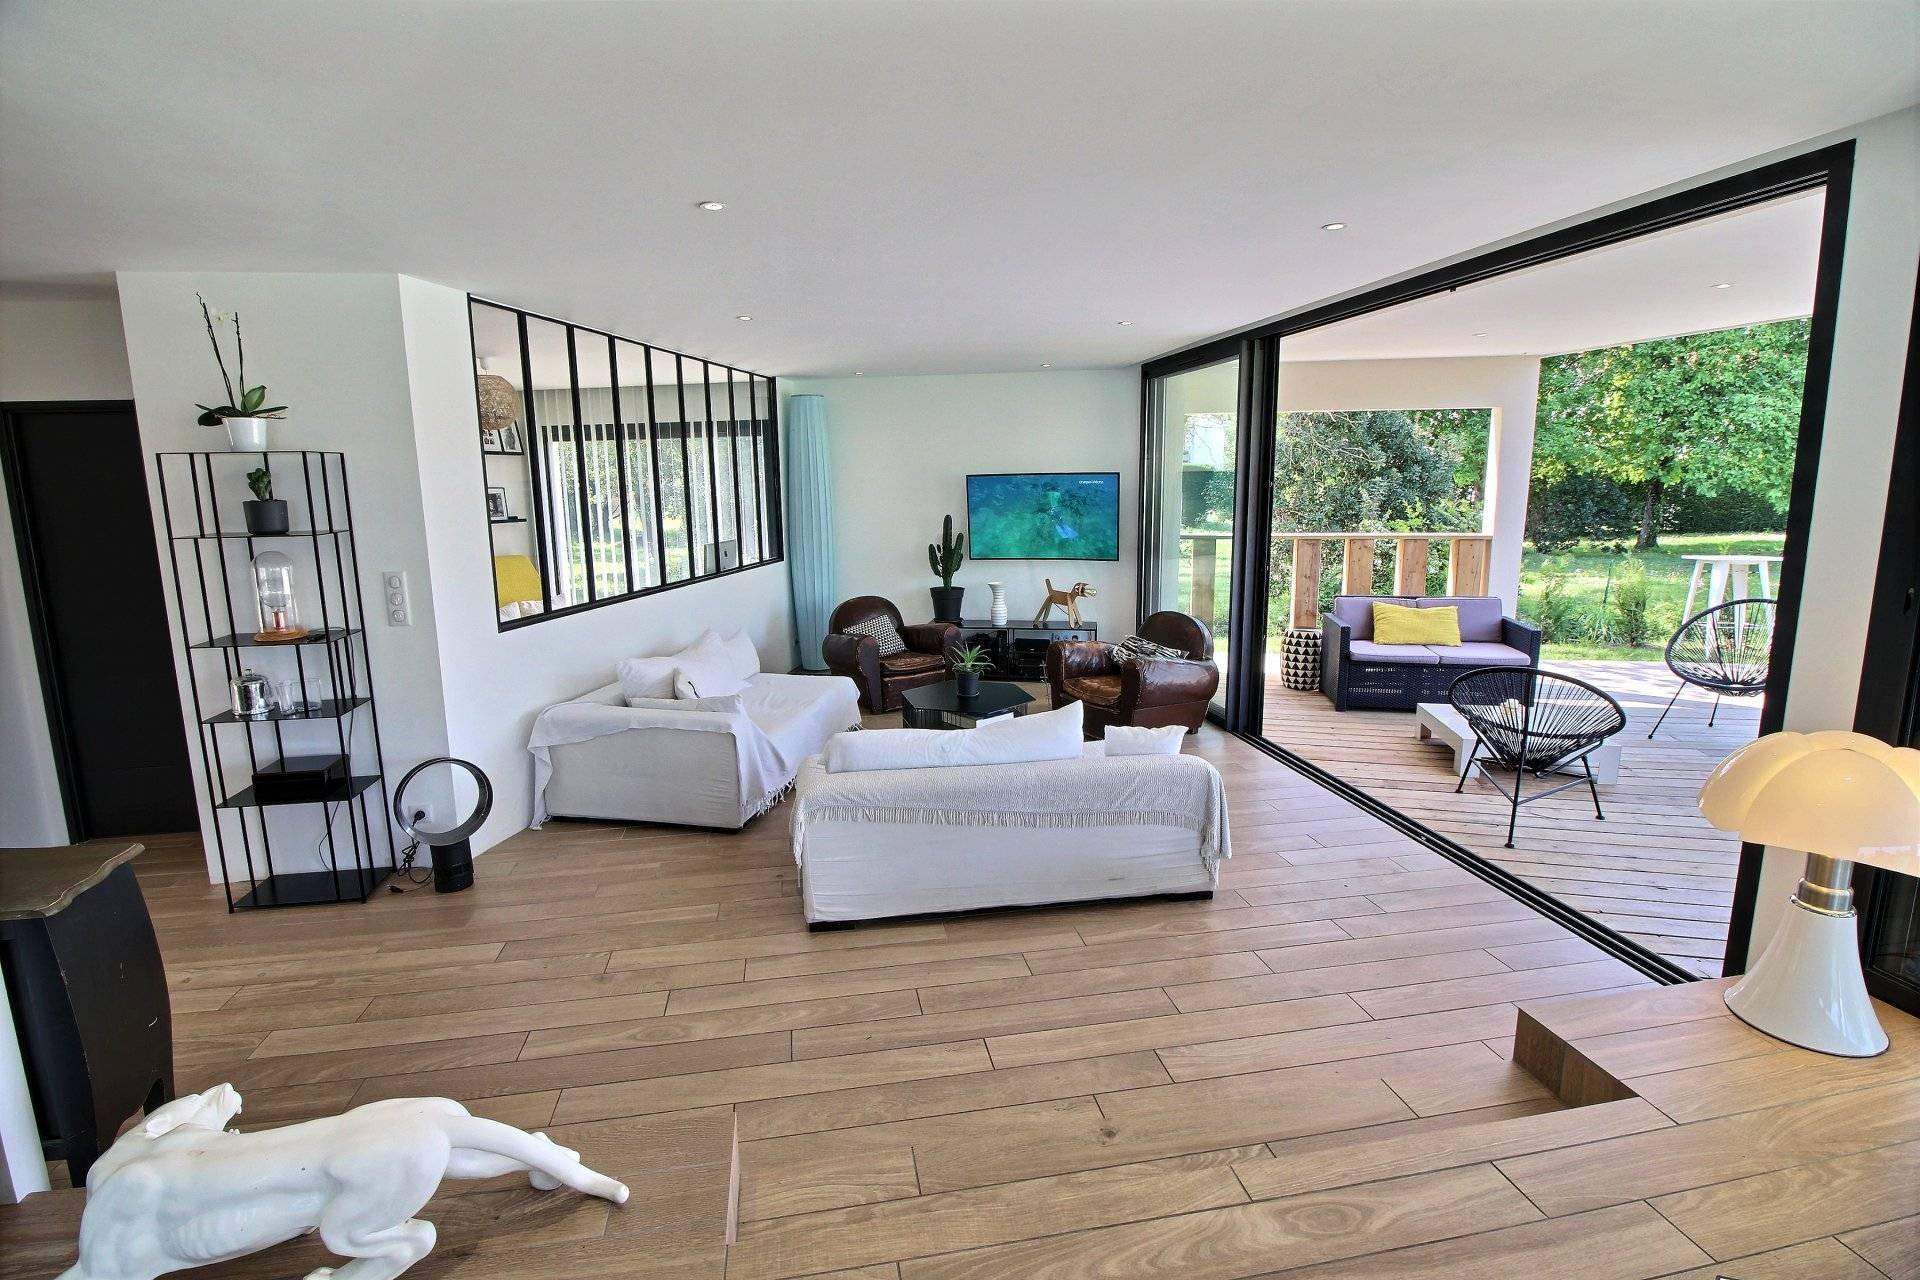 vente maison neuve avec piscine de plain-pied la hume gujan mestras bassin d u0026 39 arcachon